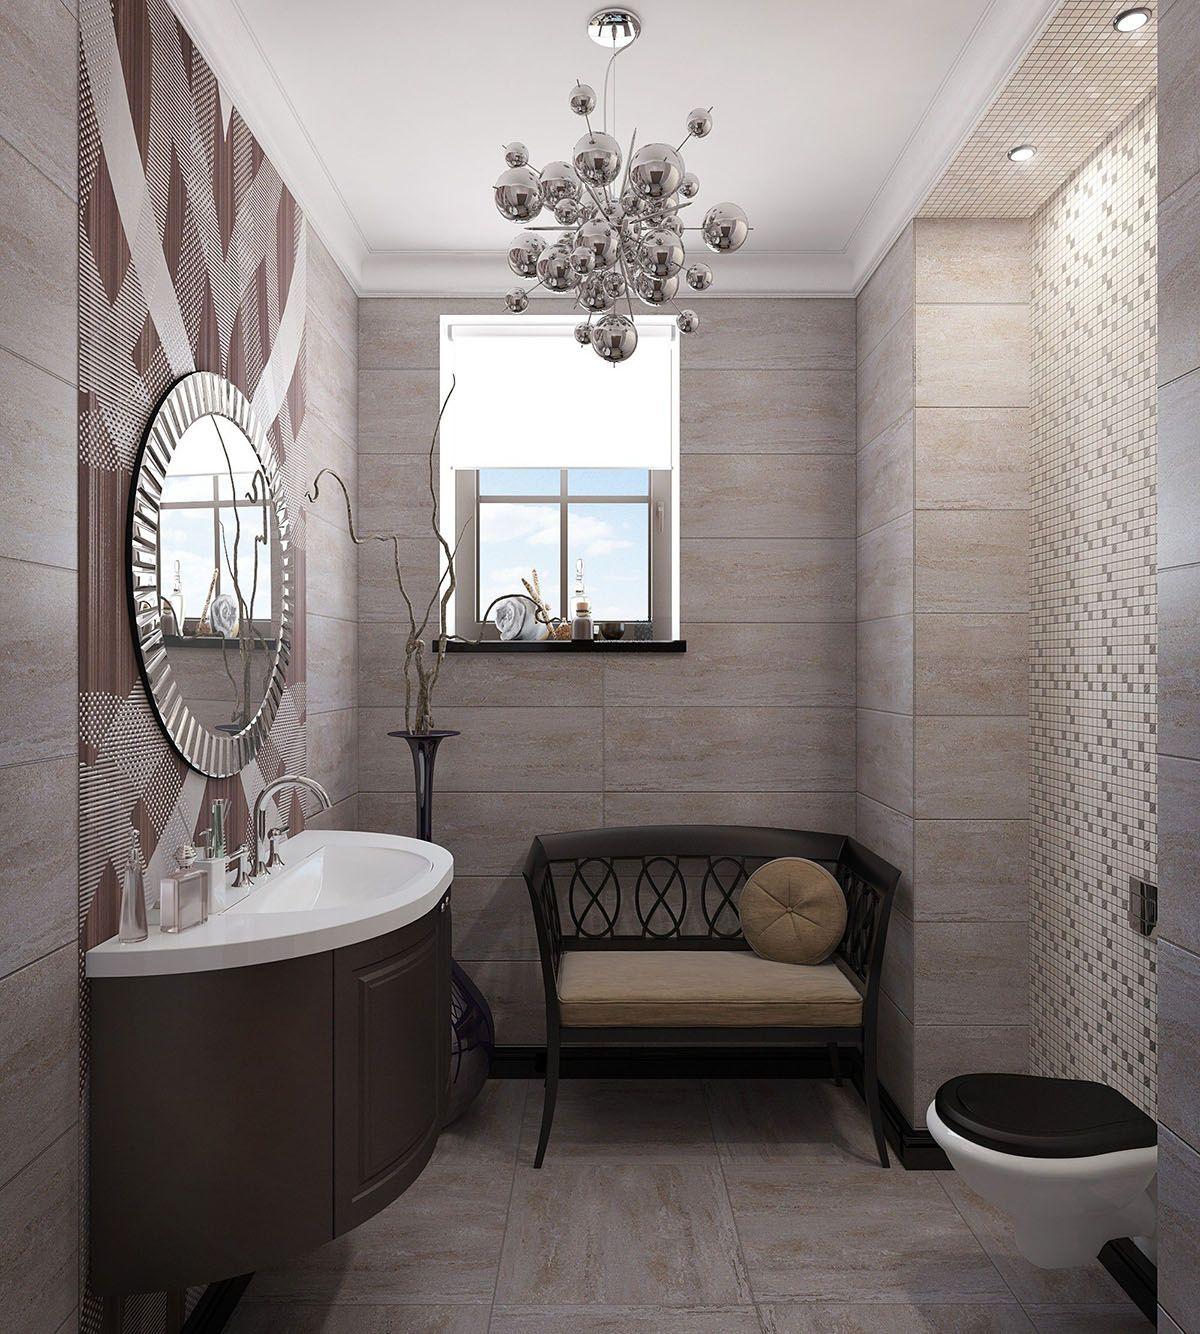 Санузел гостевой. Дизайн интерьера дома.